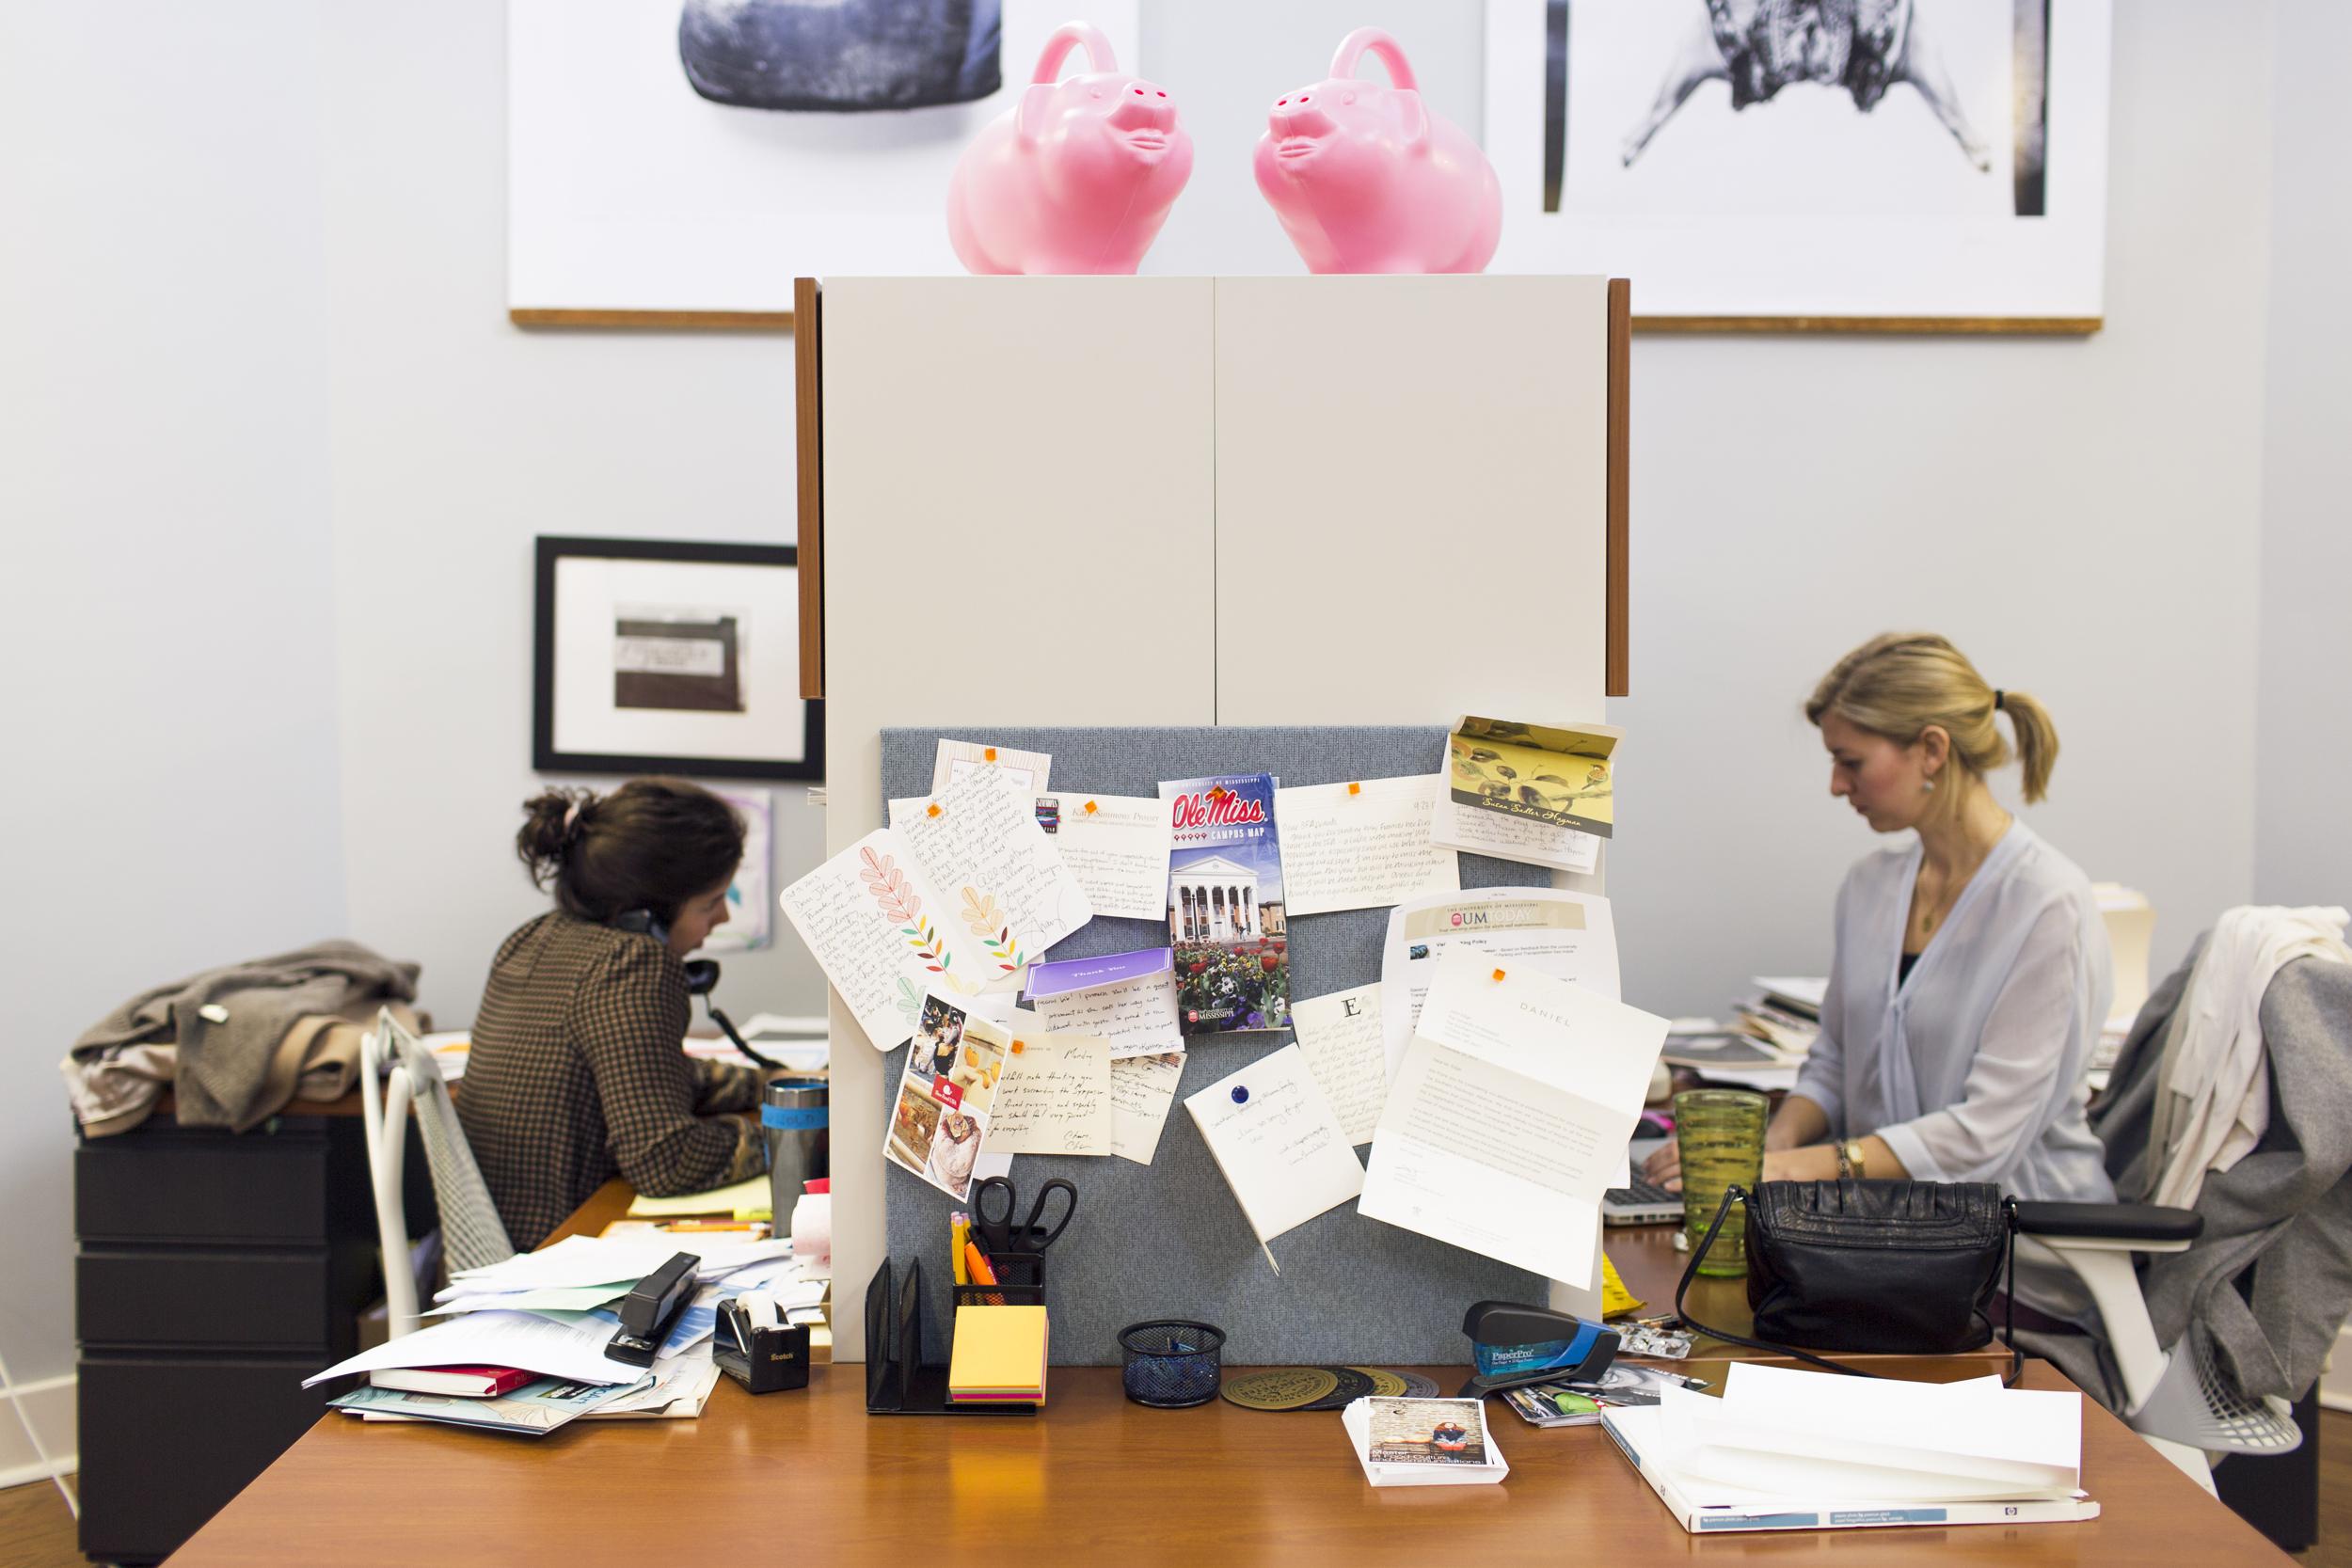 Sara Camp Arnold and Emilie Dayan at work